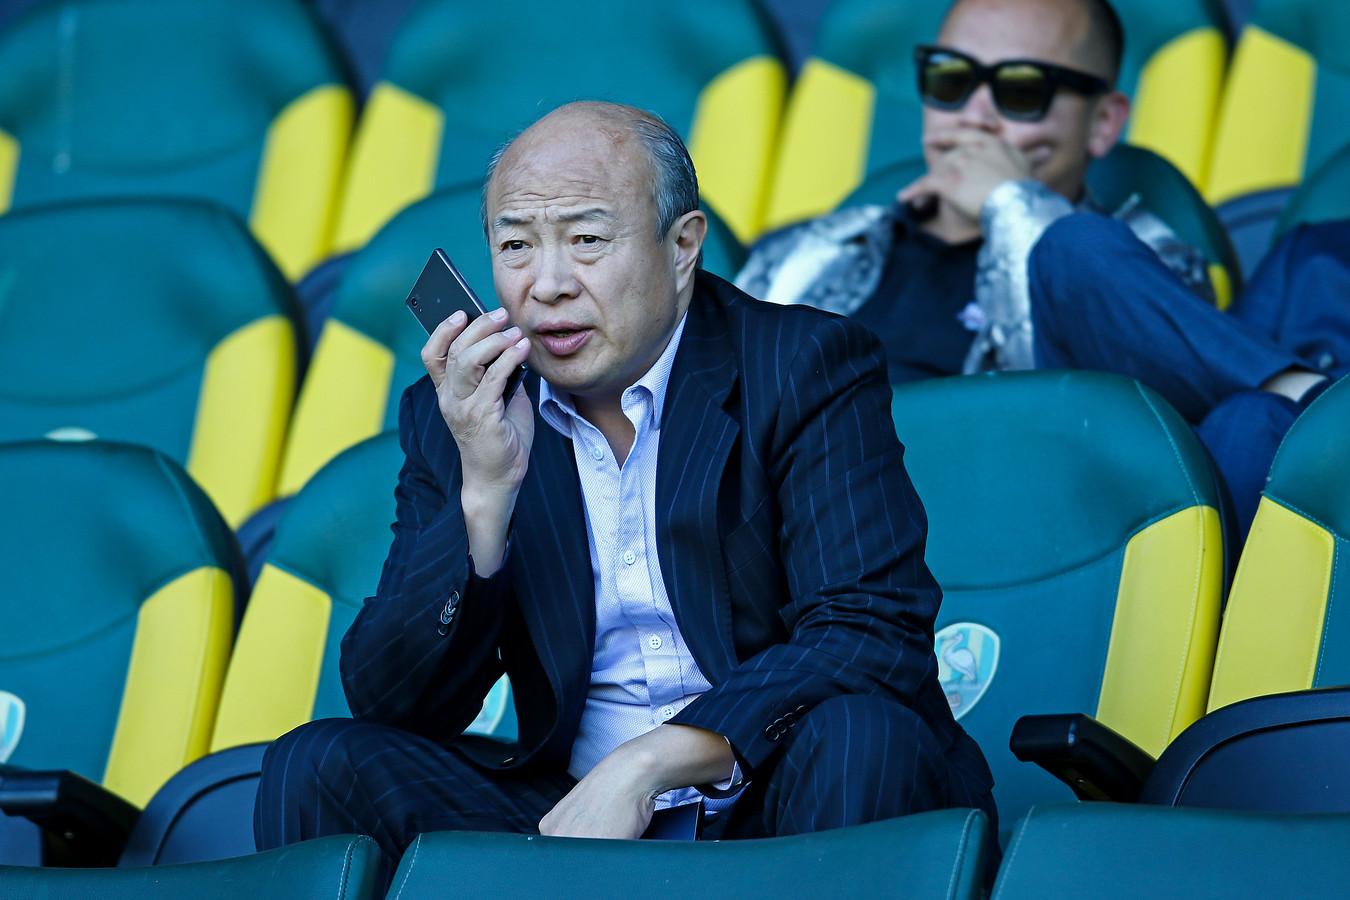 Hui Wang op de tribune bij ADO in 2018.